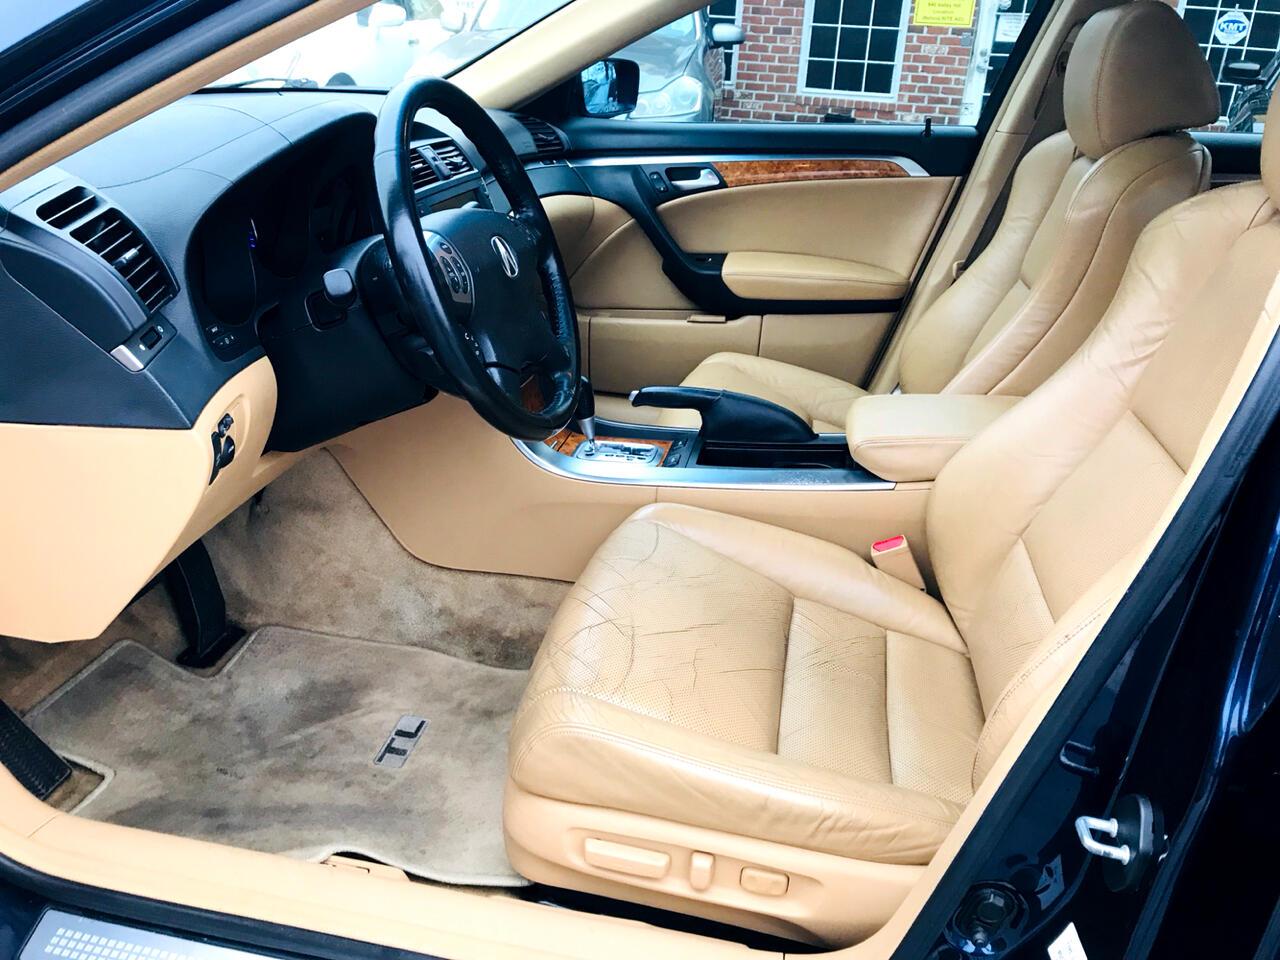 2005 Acura 3.2 TL